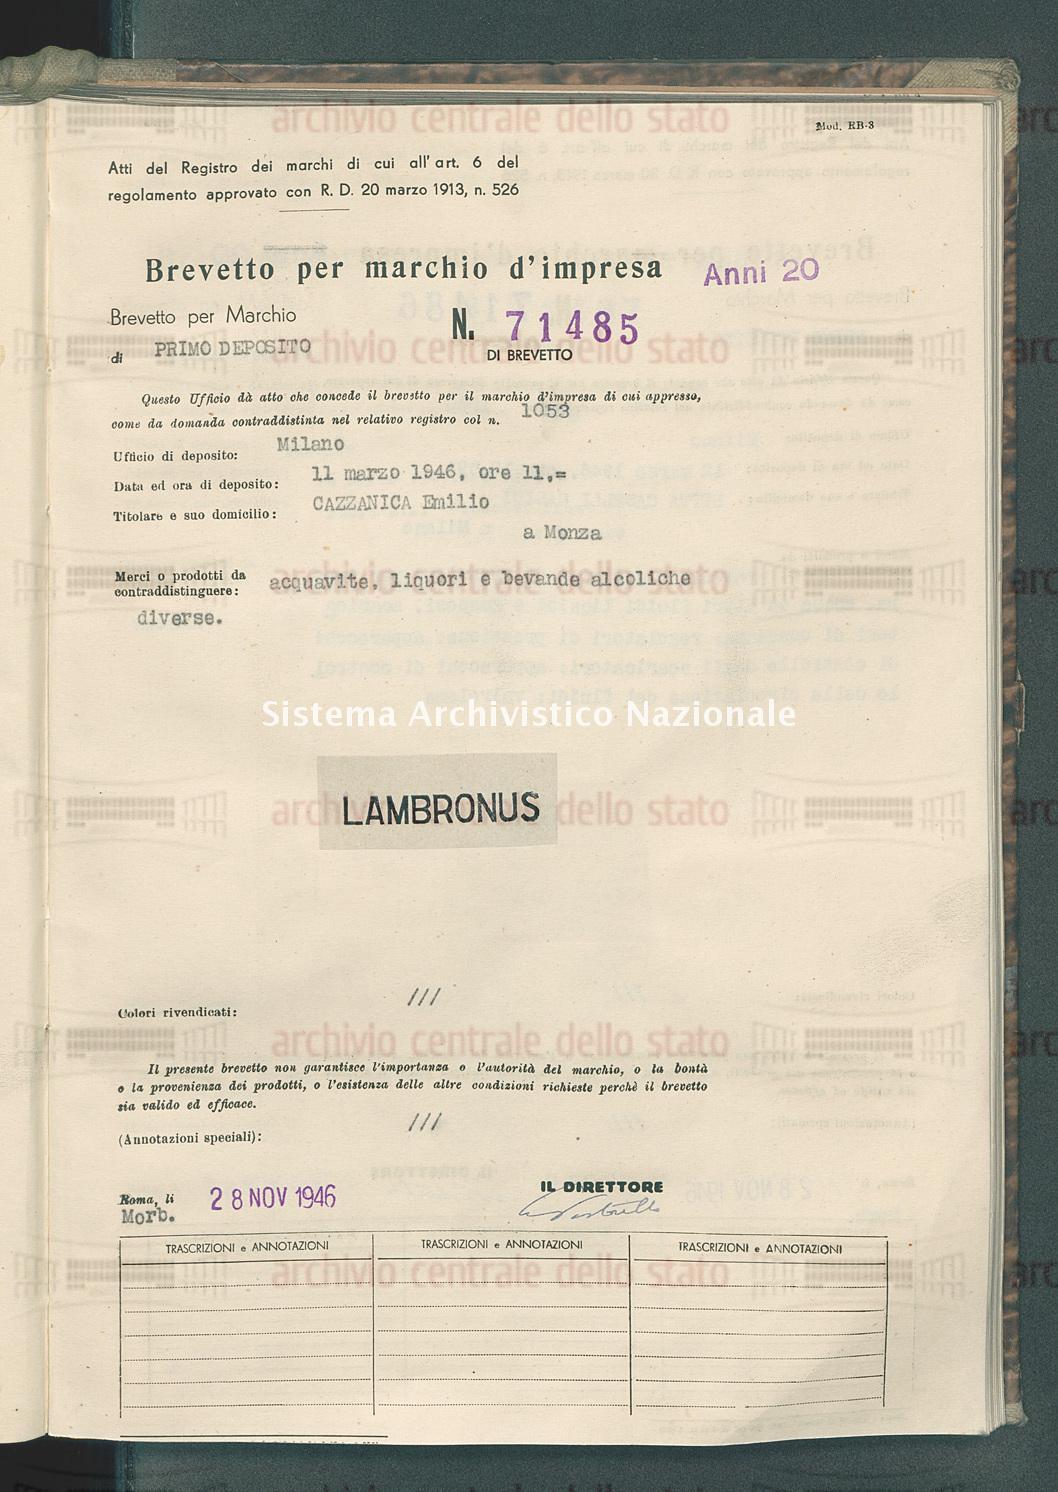 Acquavite, liquori e bevande alcoliche diverse Cazzaniga Emilio (28/11/1946)